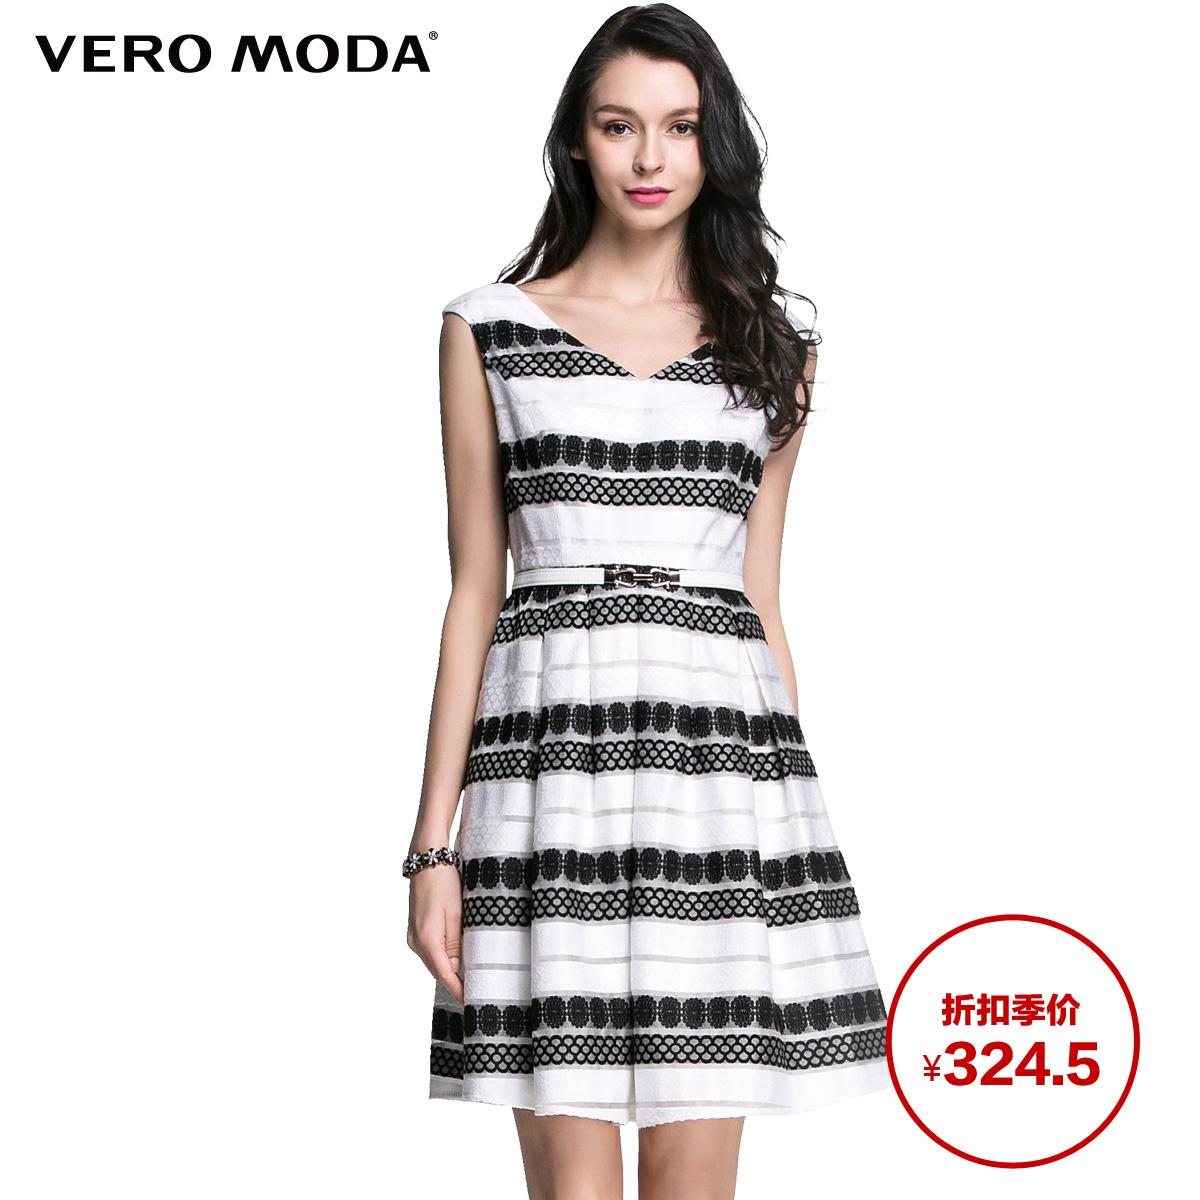 Женское платье VERO MODA 31517a005 324.5 !VeroModa женское платье vero moda 31527a092